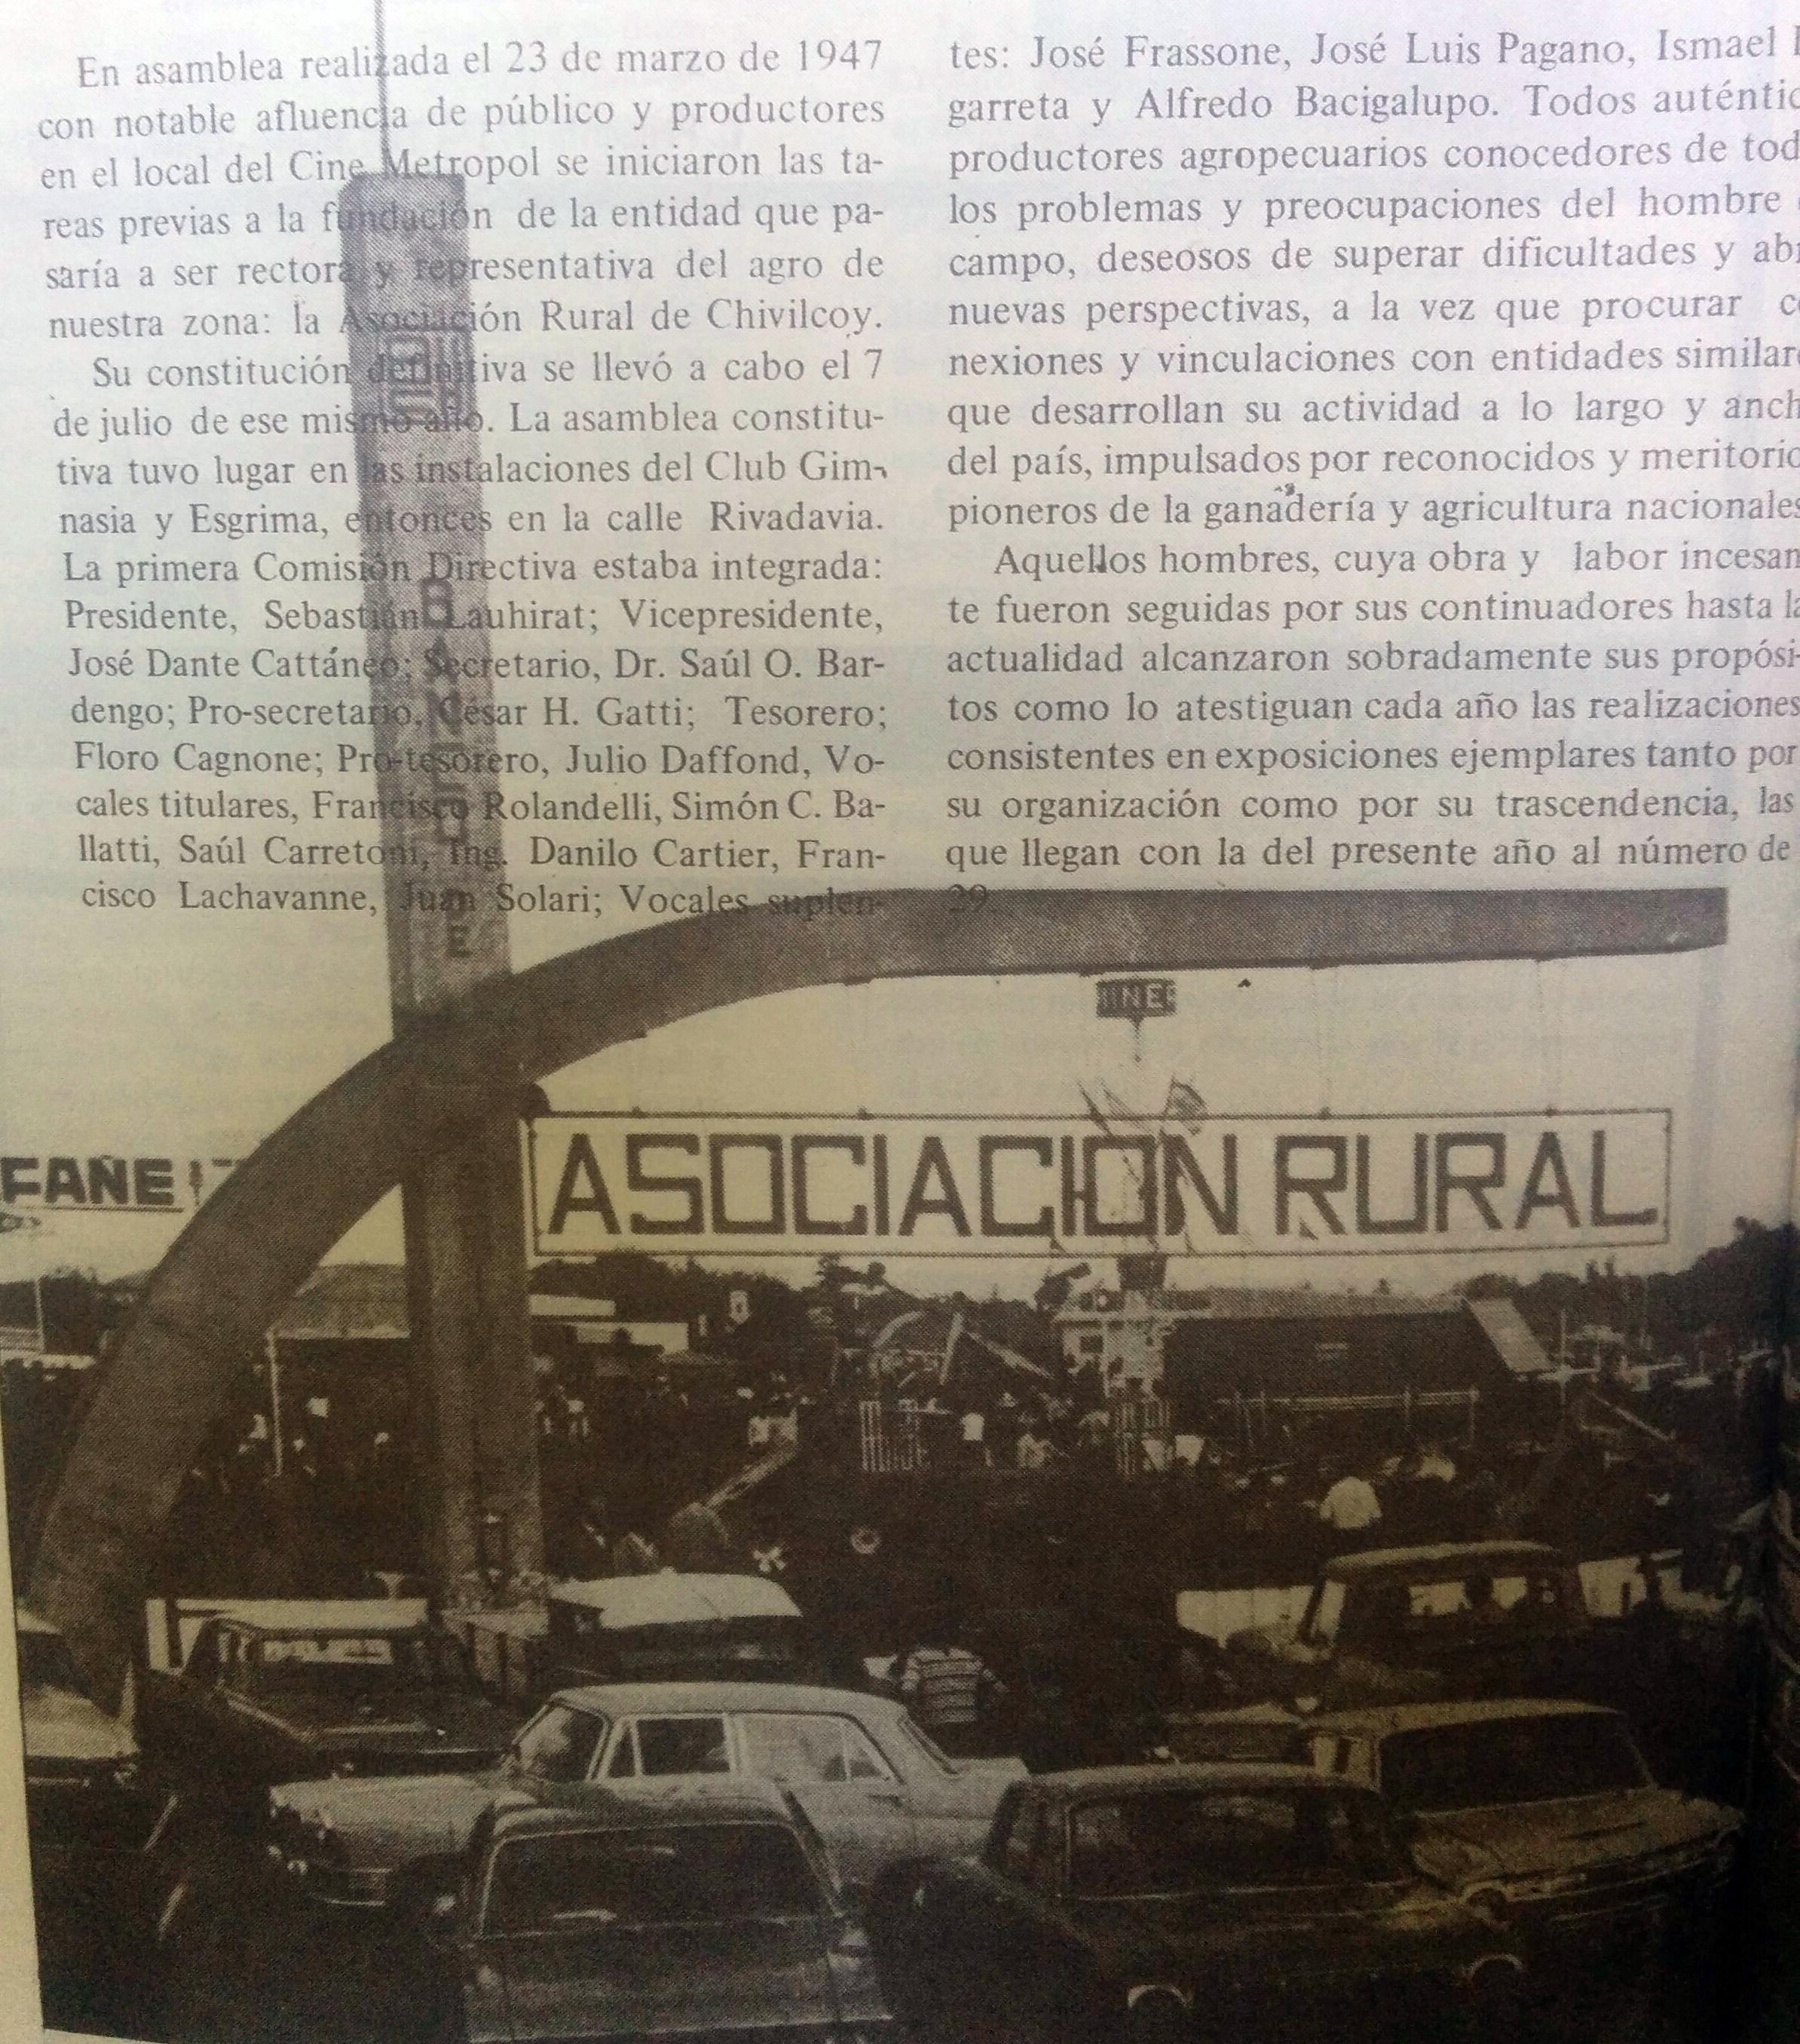 Predio de la Asociación Rural, en la Ruta Nº5, kilómetro 158, inaugurado el 12 de agosto de 1967.